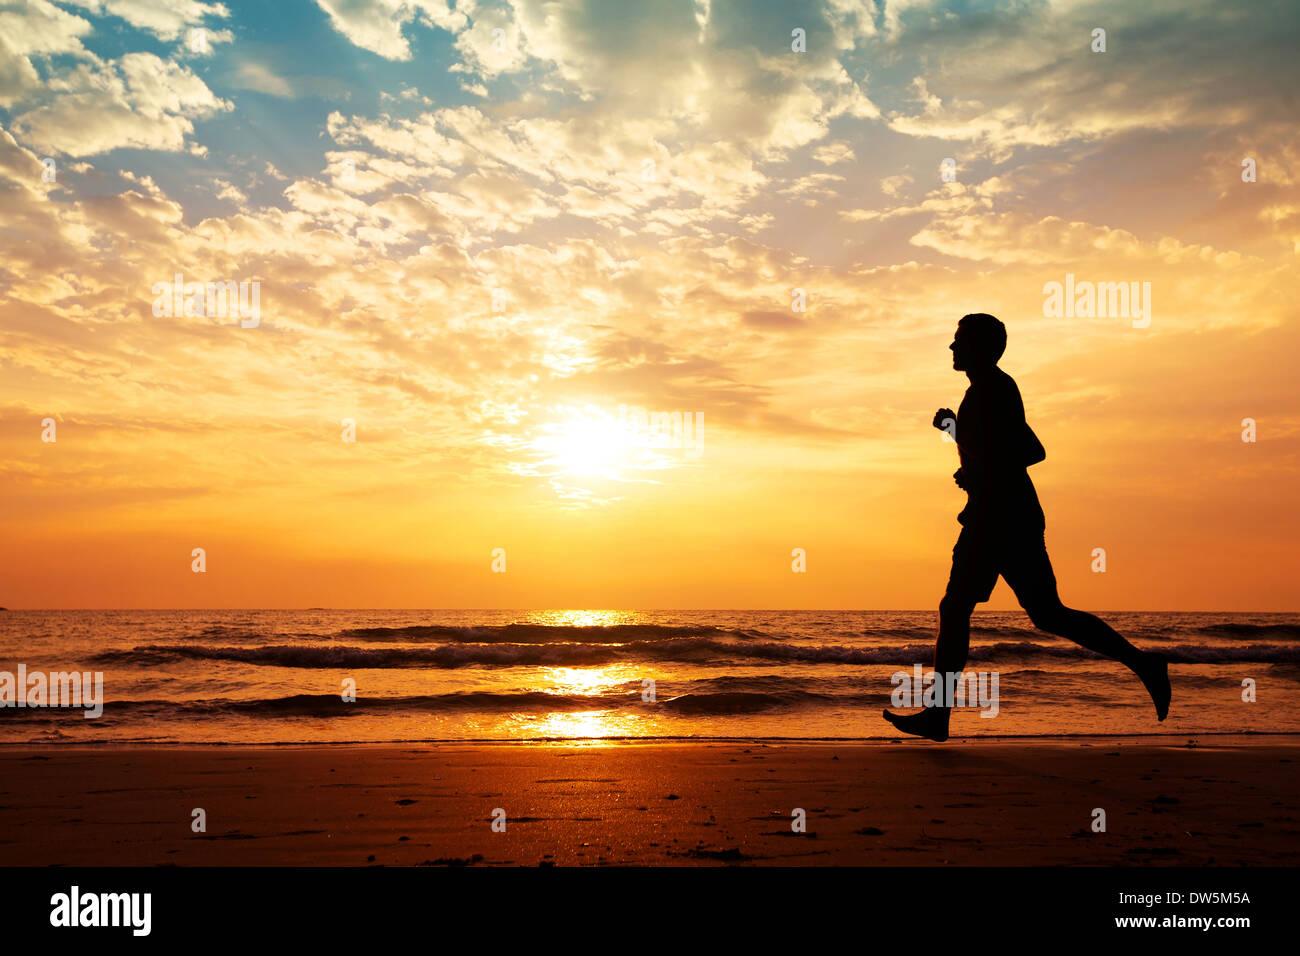 Silueta de hombre corriendo en la playa en el atardecer. Imagen De Stock